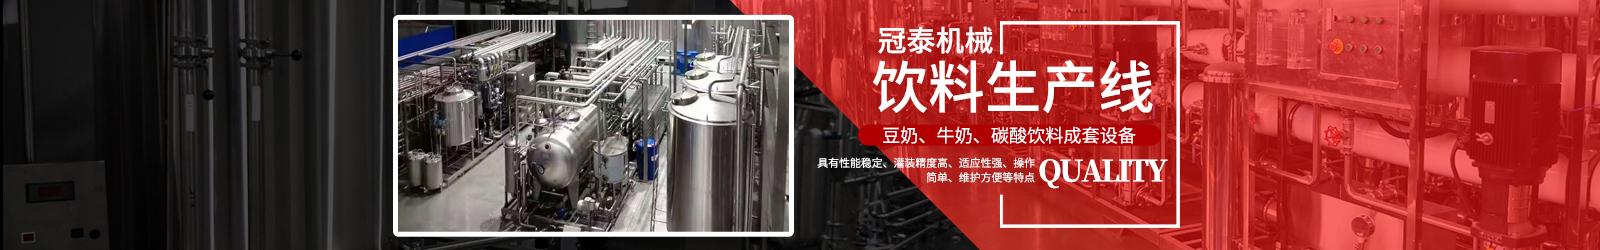 果汁飲料生產線